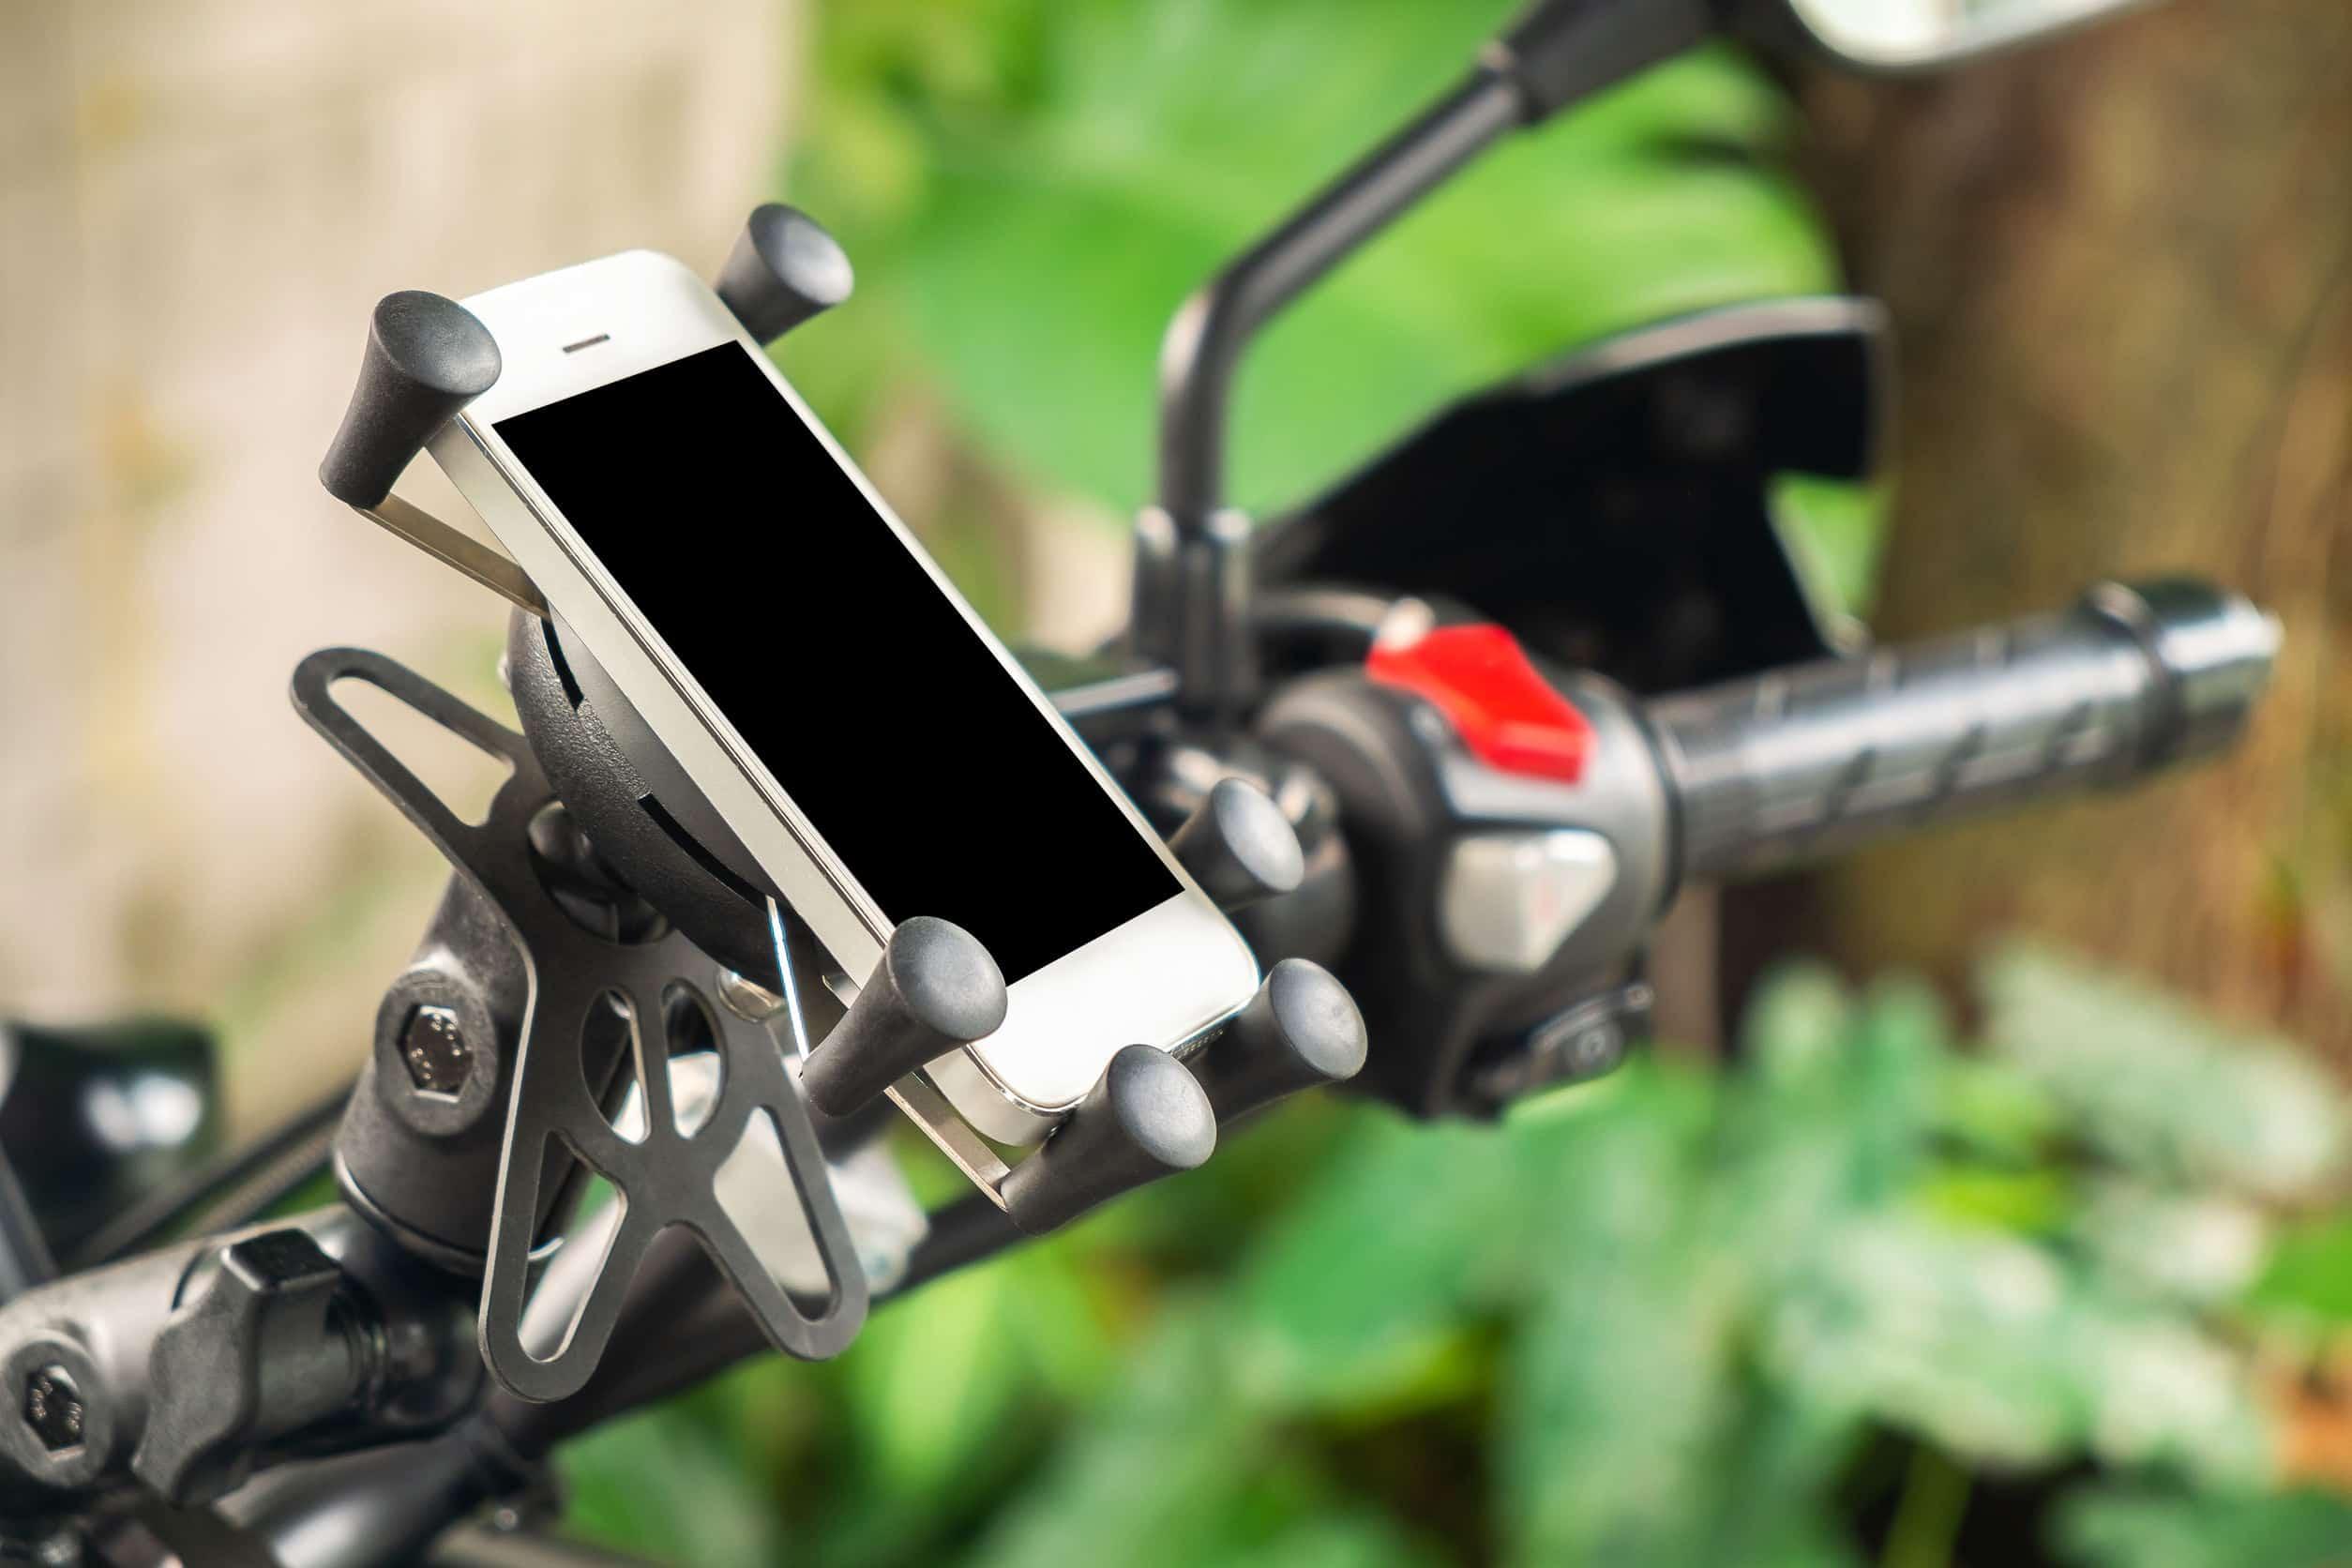 Handyhalterung fürs Fahrrad: Test & Empfehlungen (10/20)